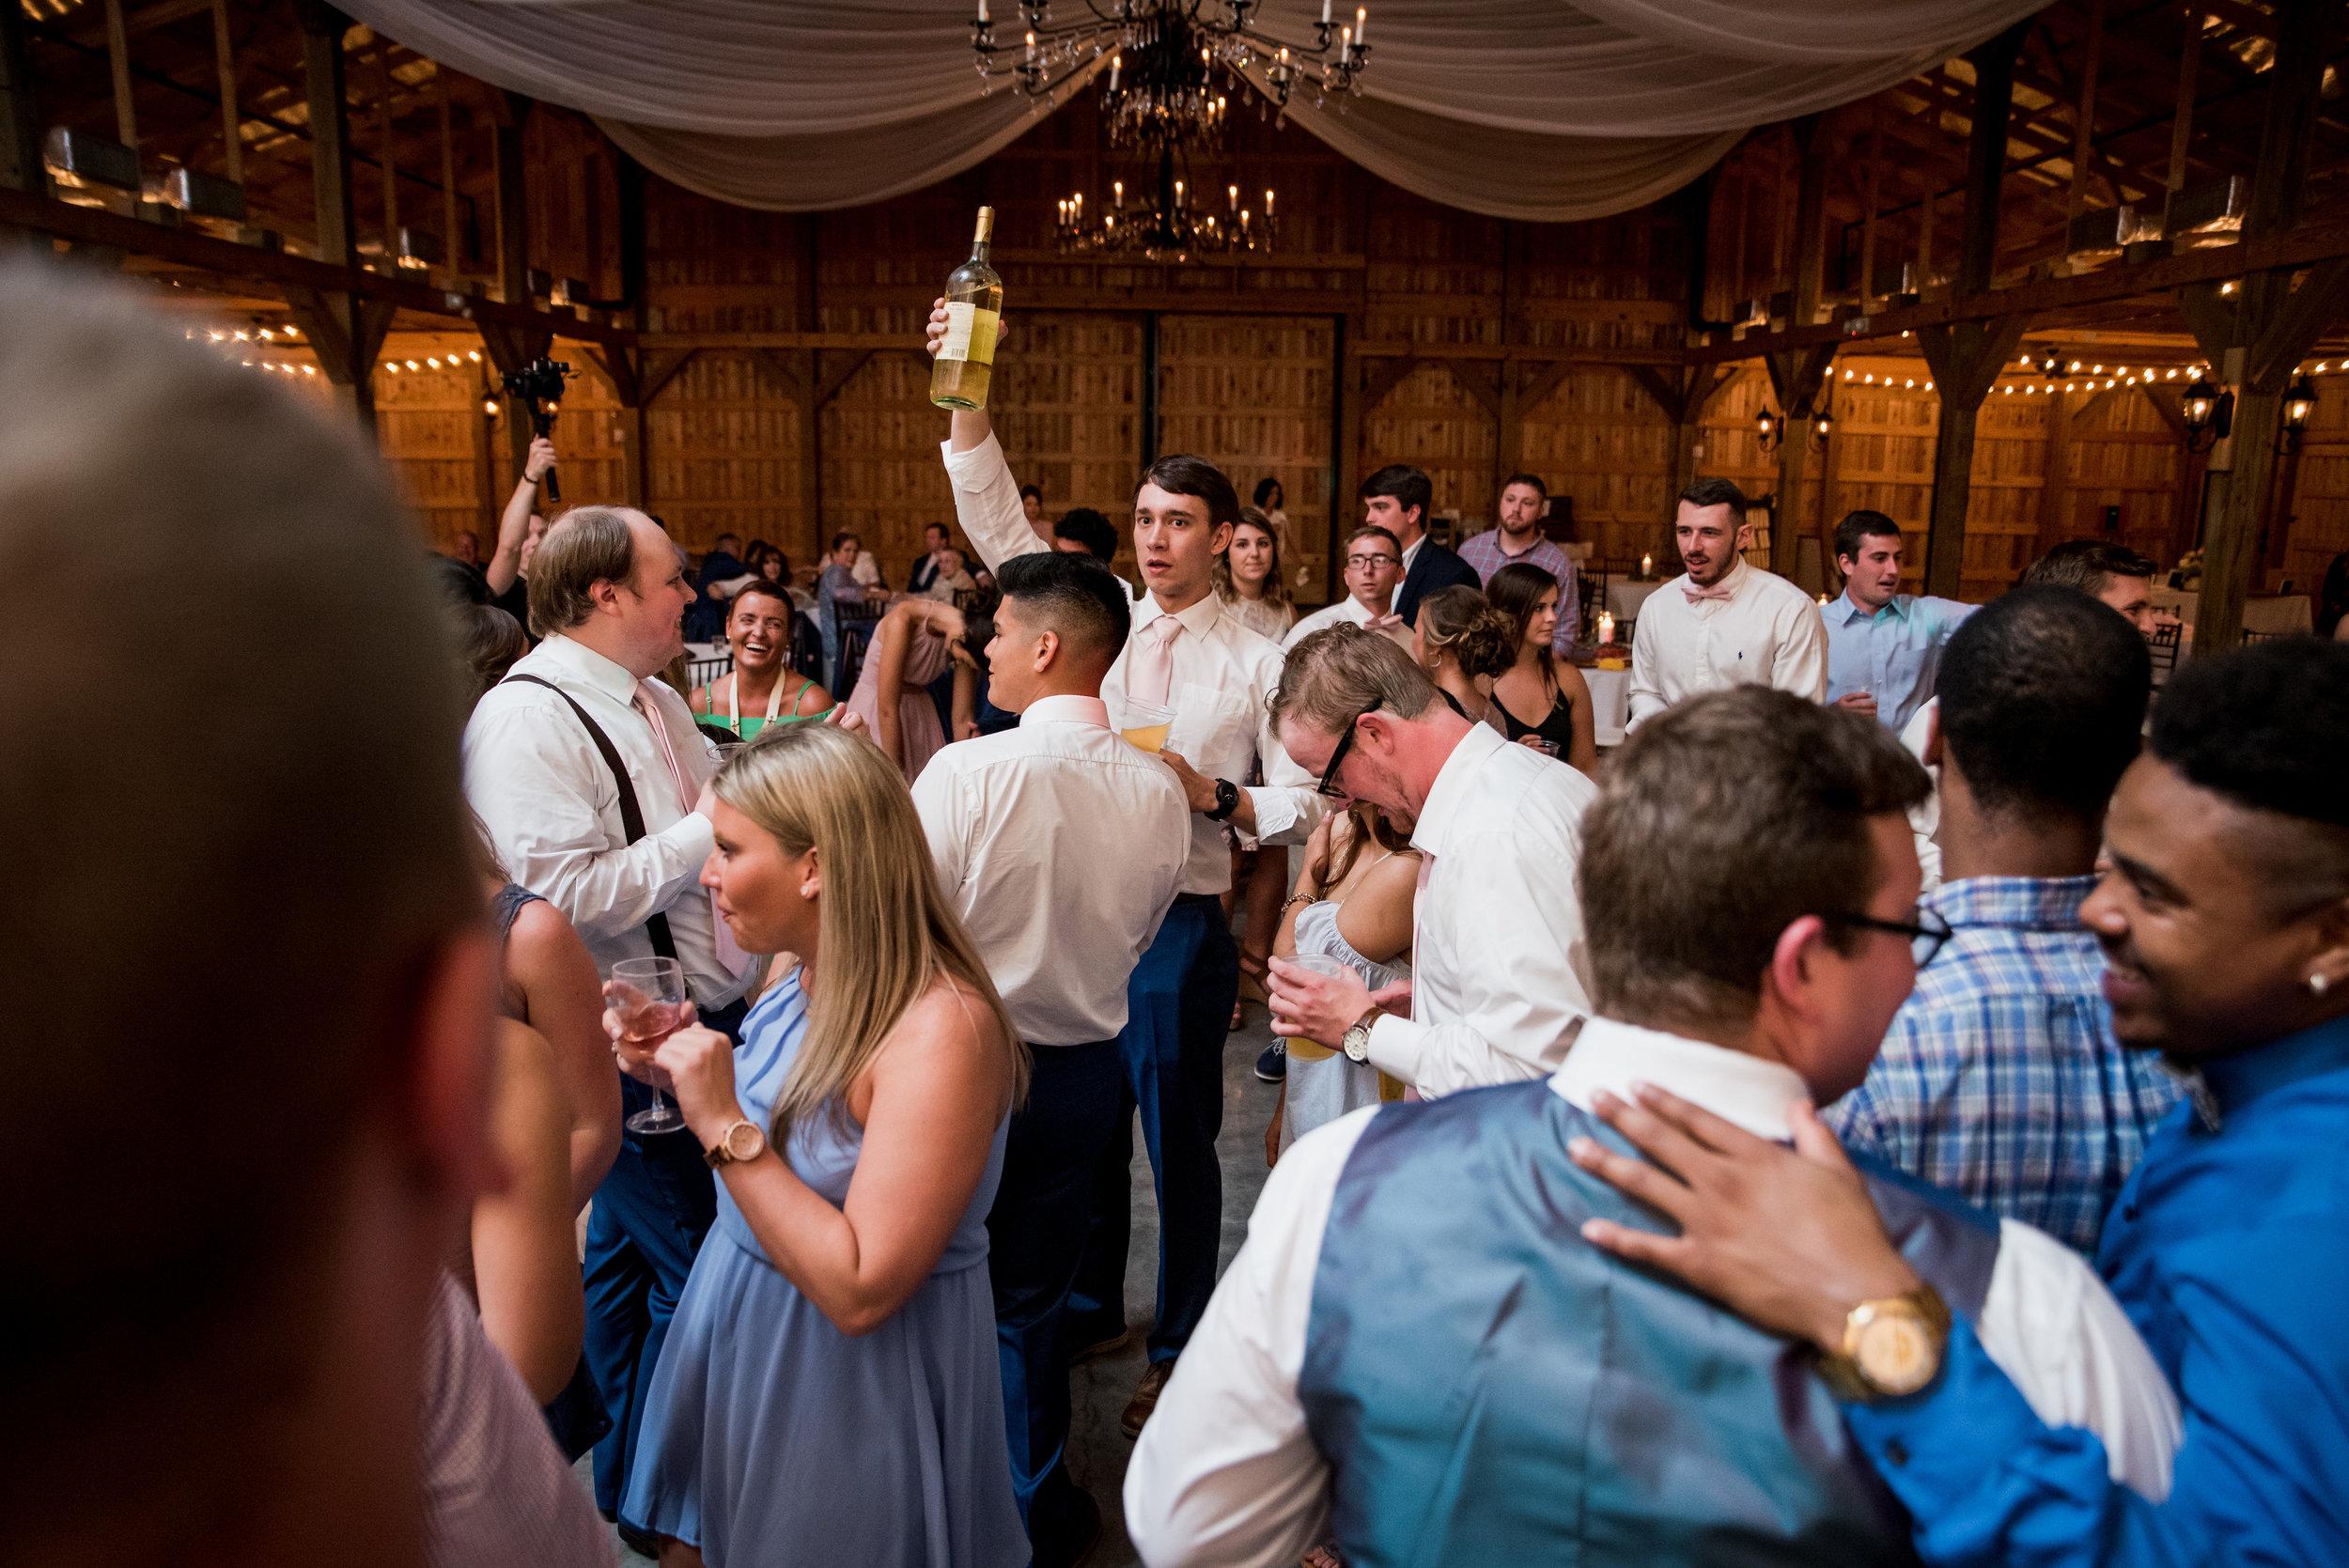 Saddlewood-Farms-Nashville-Wedding-Photographers-836.jpg